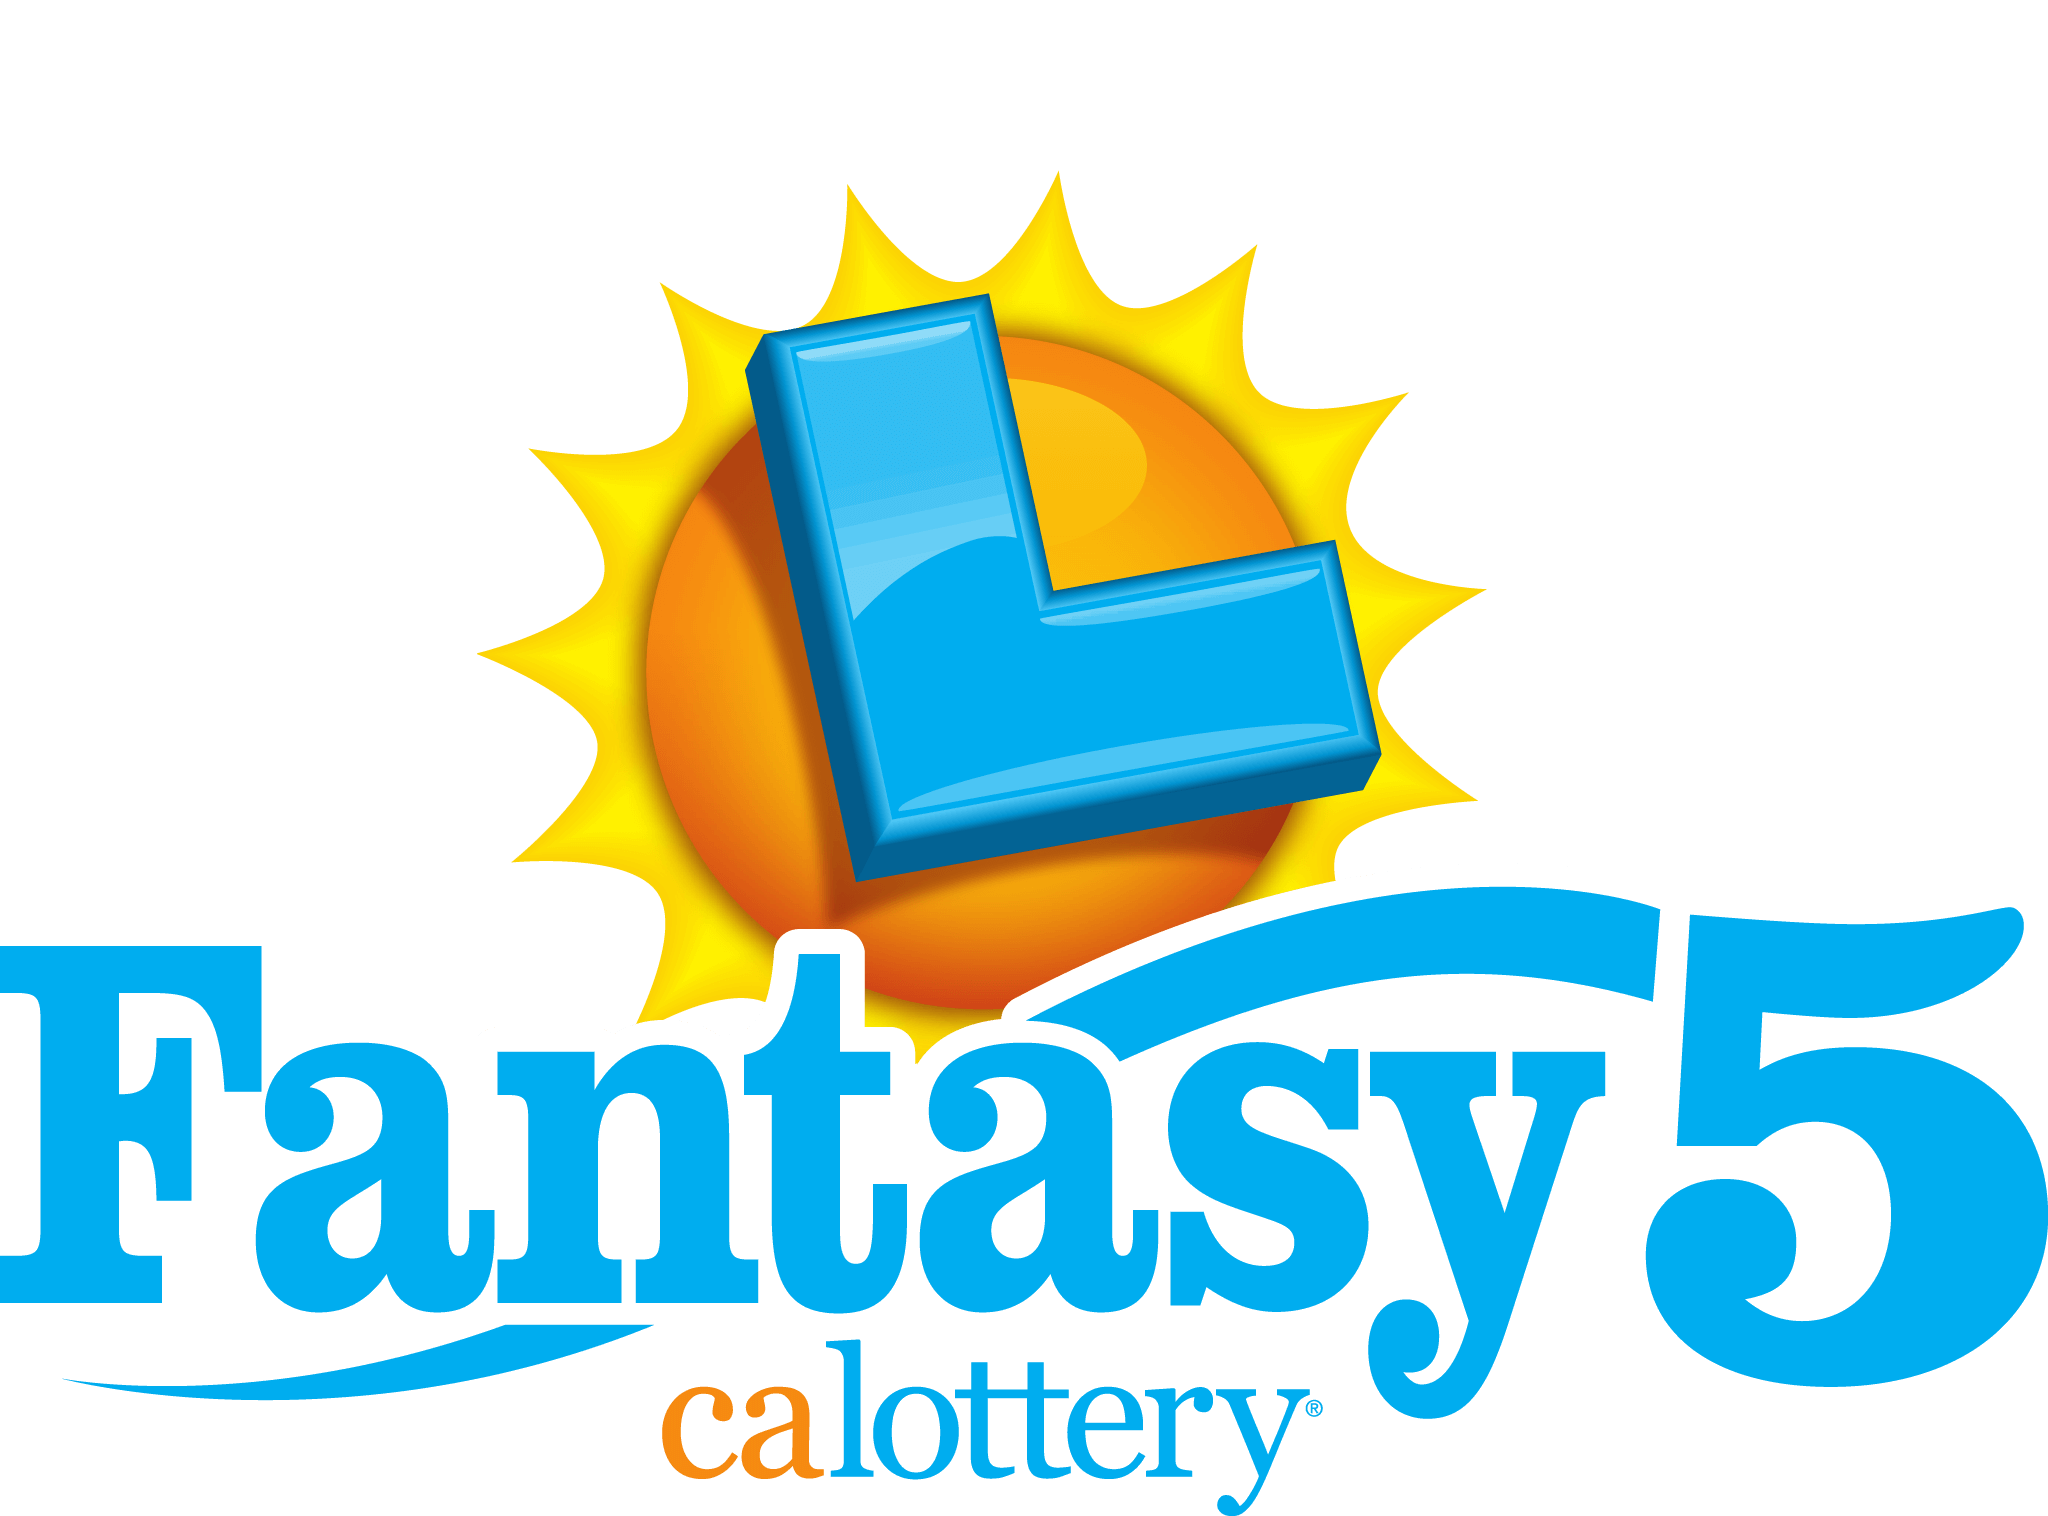 Fantasy 5, calottery